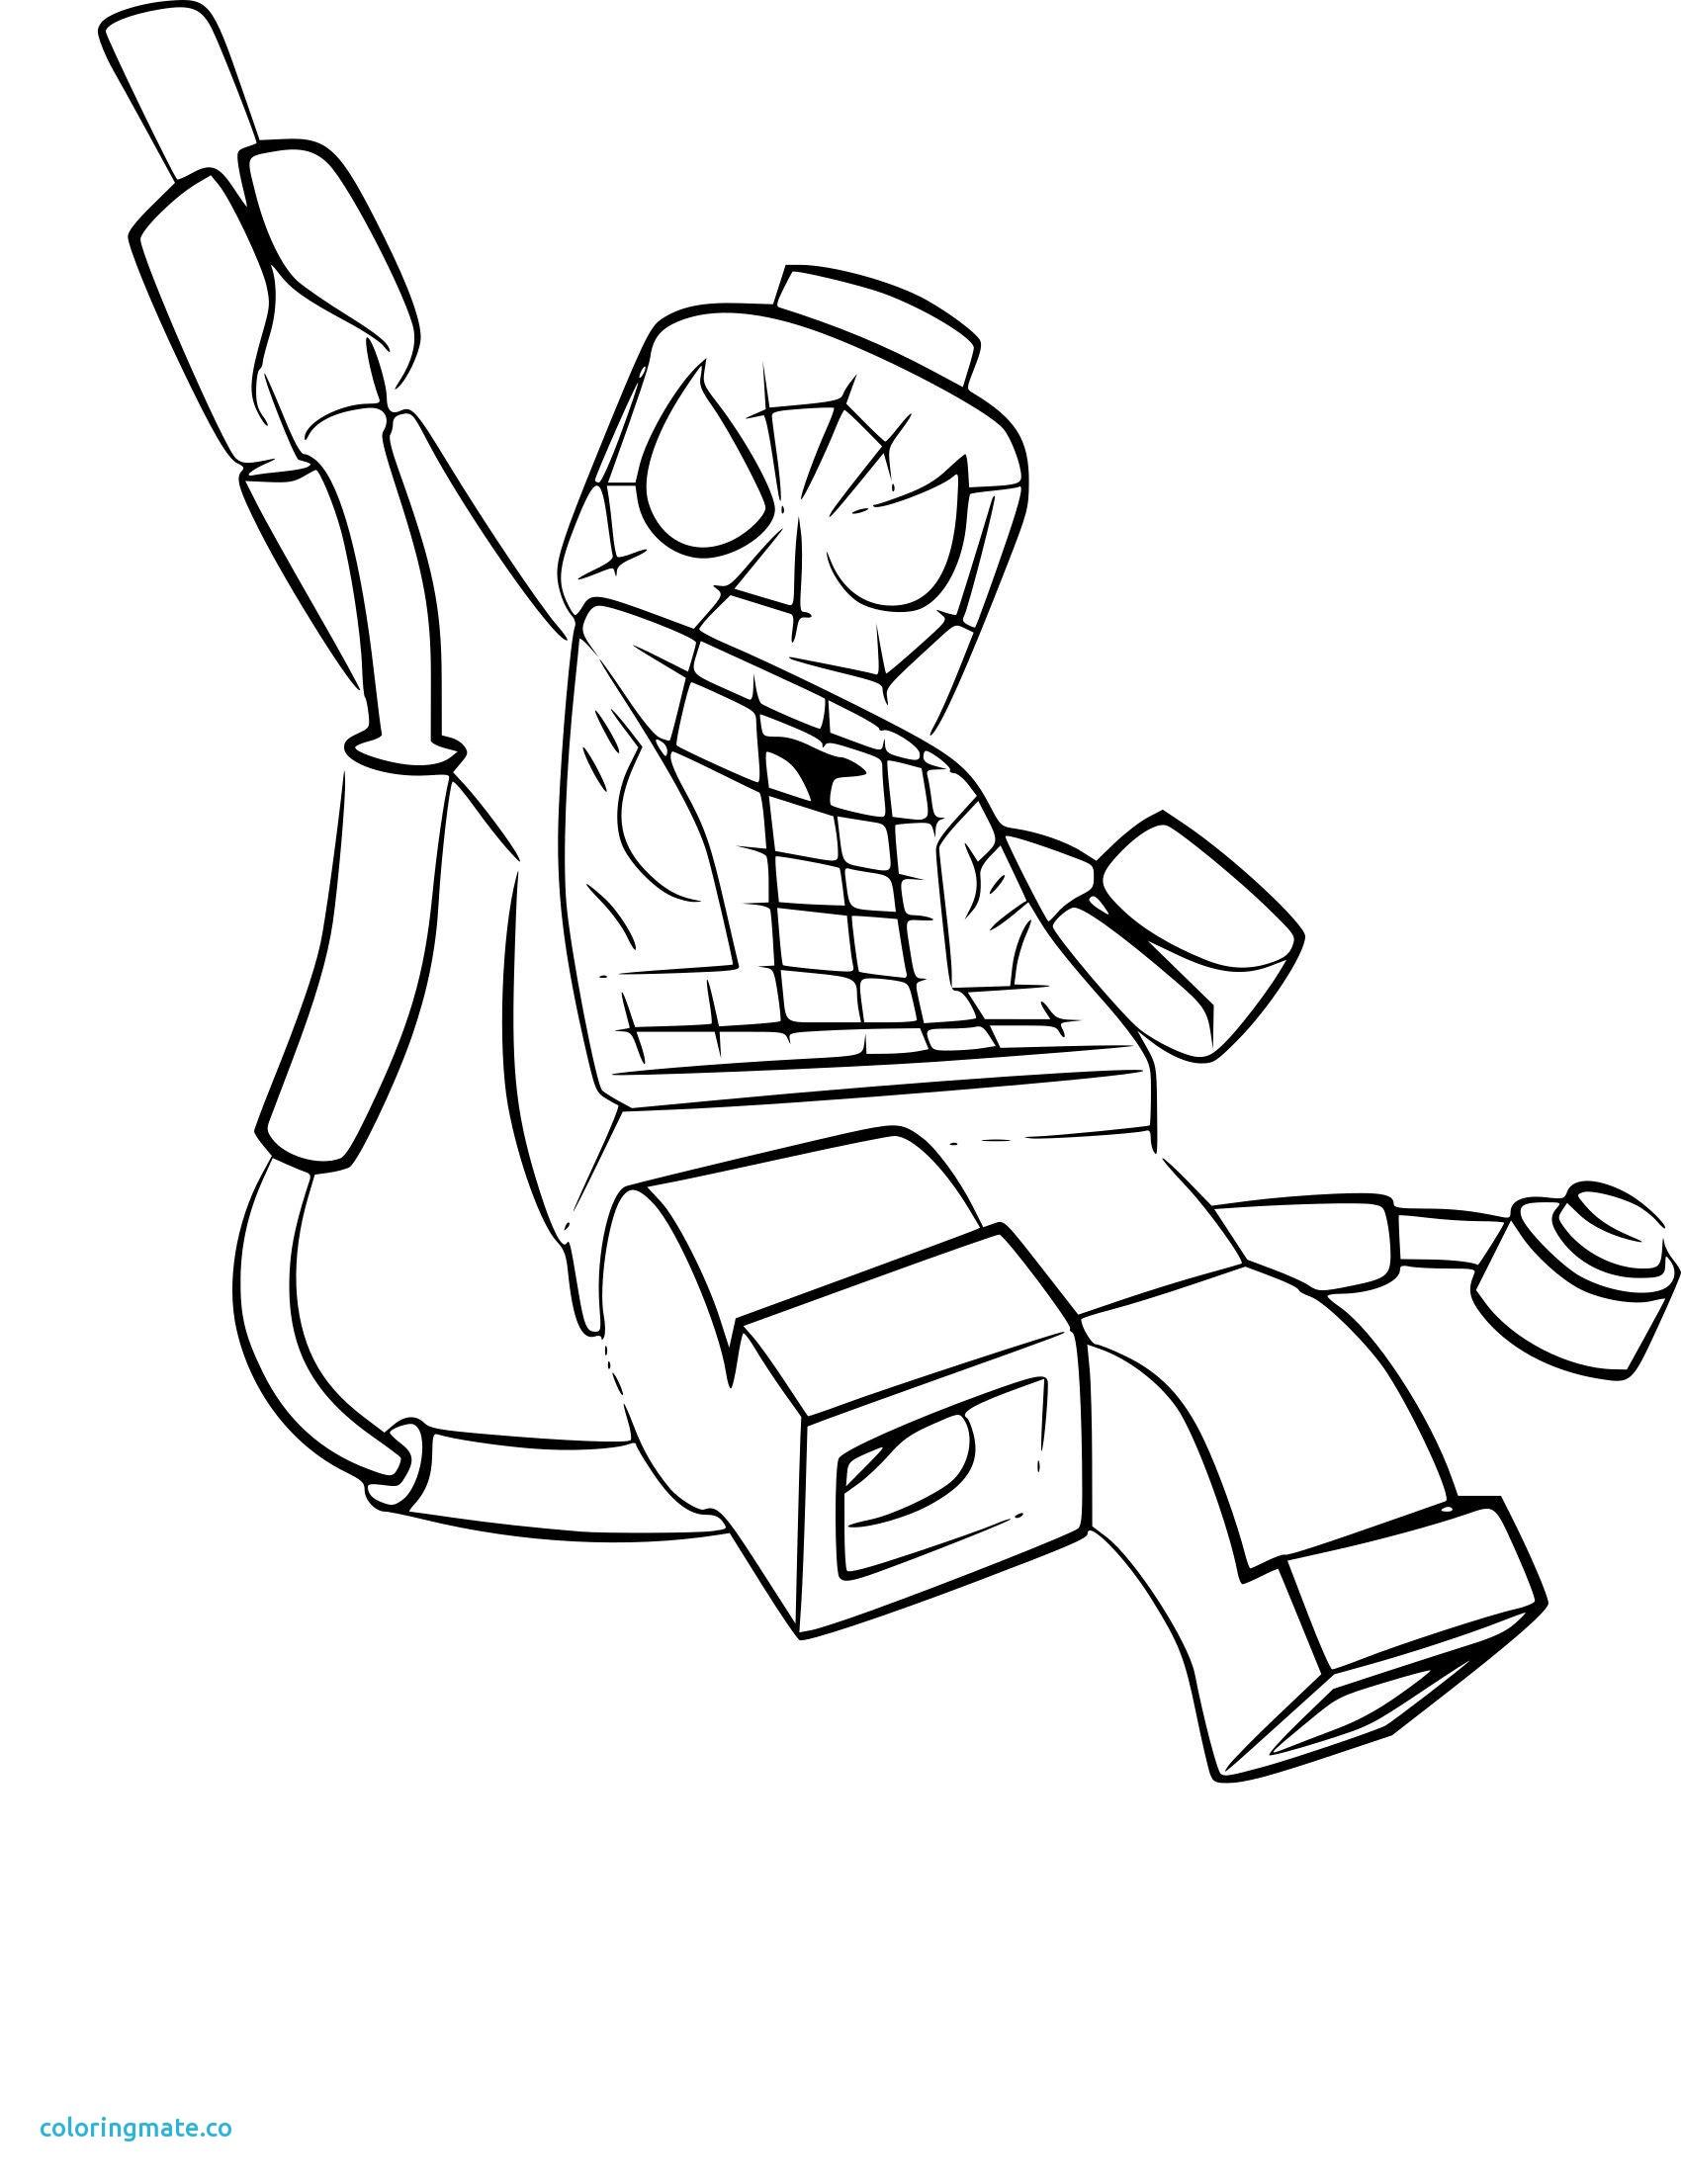 Ninjago Dragon Drawing At Getdrawings